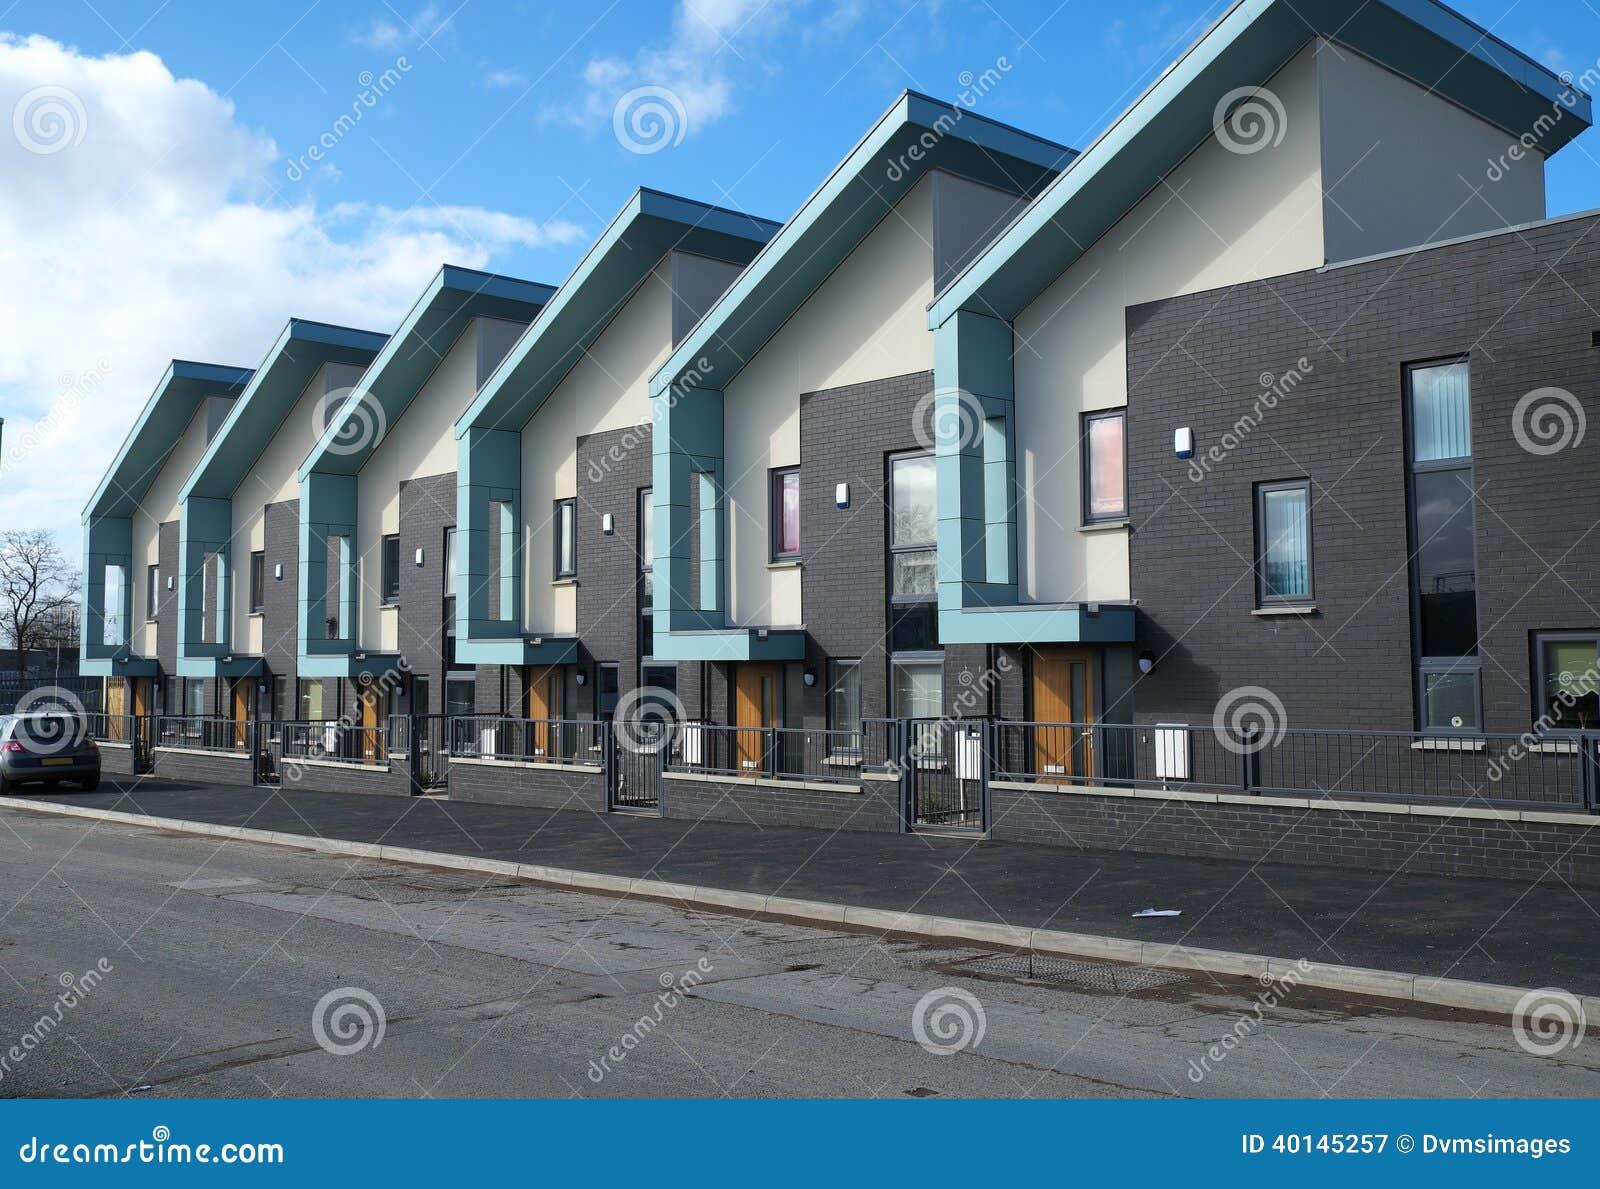 Reihe von modernen Häusern stockbild. Bild von terraced - 40145257